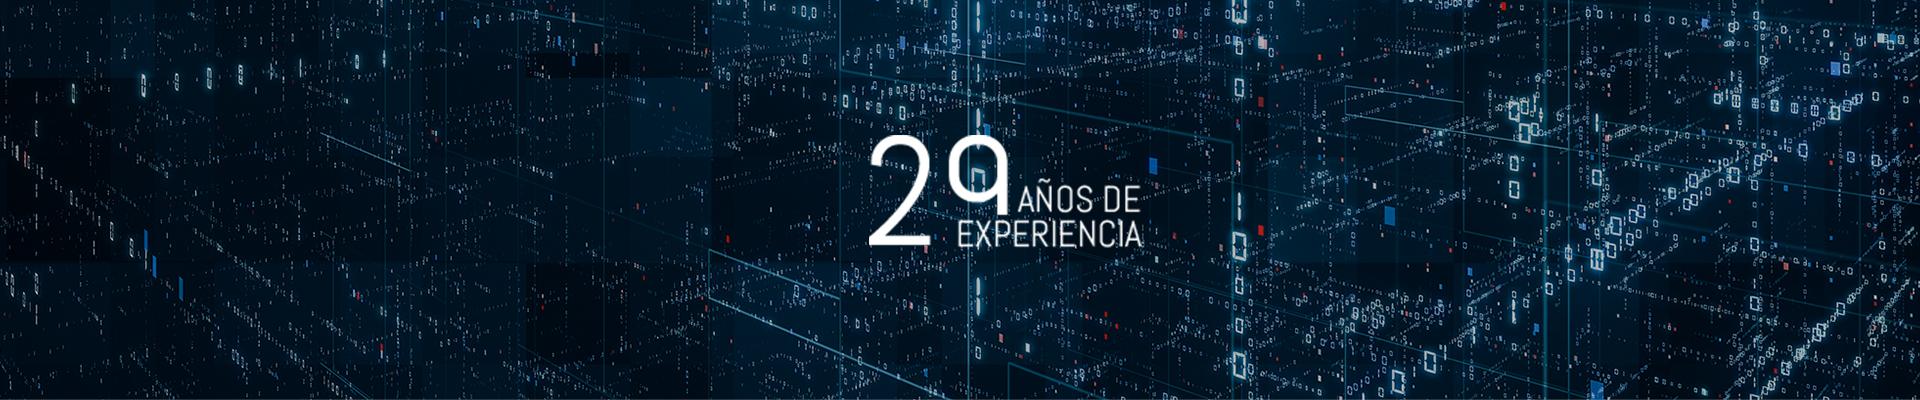 29 Años de Experiencia